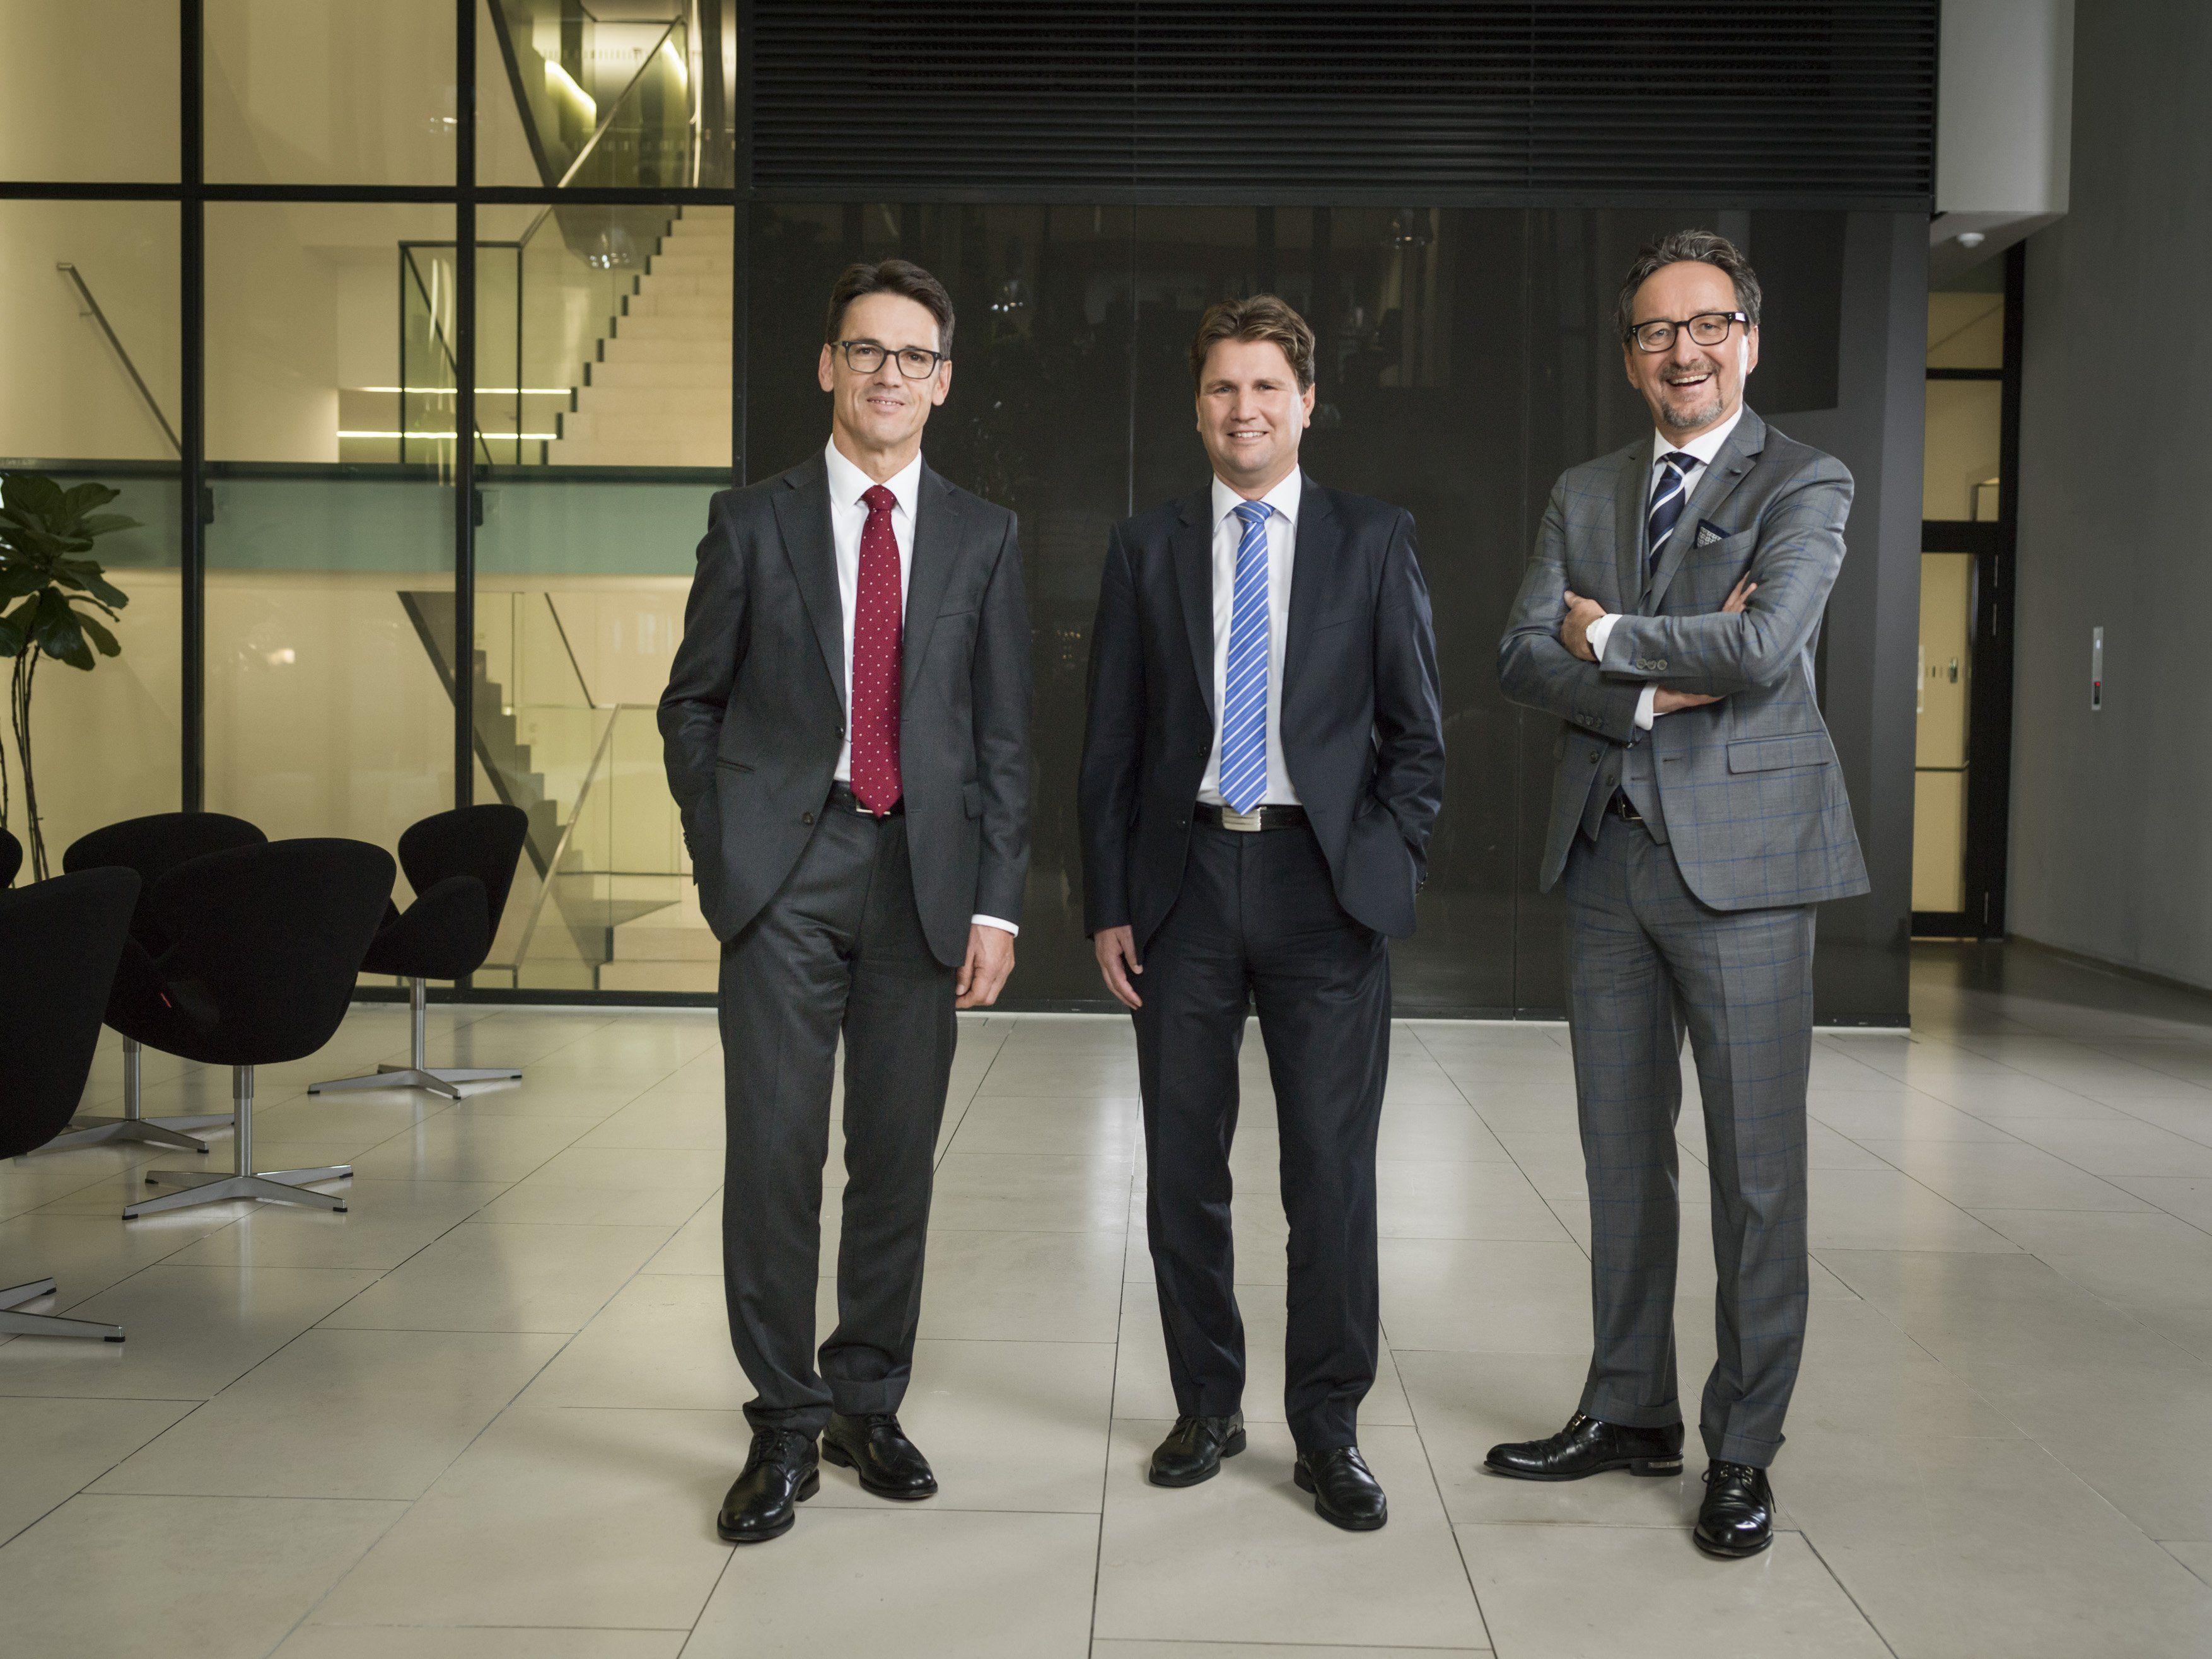 Der neue Vorstand der Hypo Vorarlberg: Wilfried Amann, Michel Haller und Johannes Hefel (v.l.)